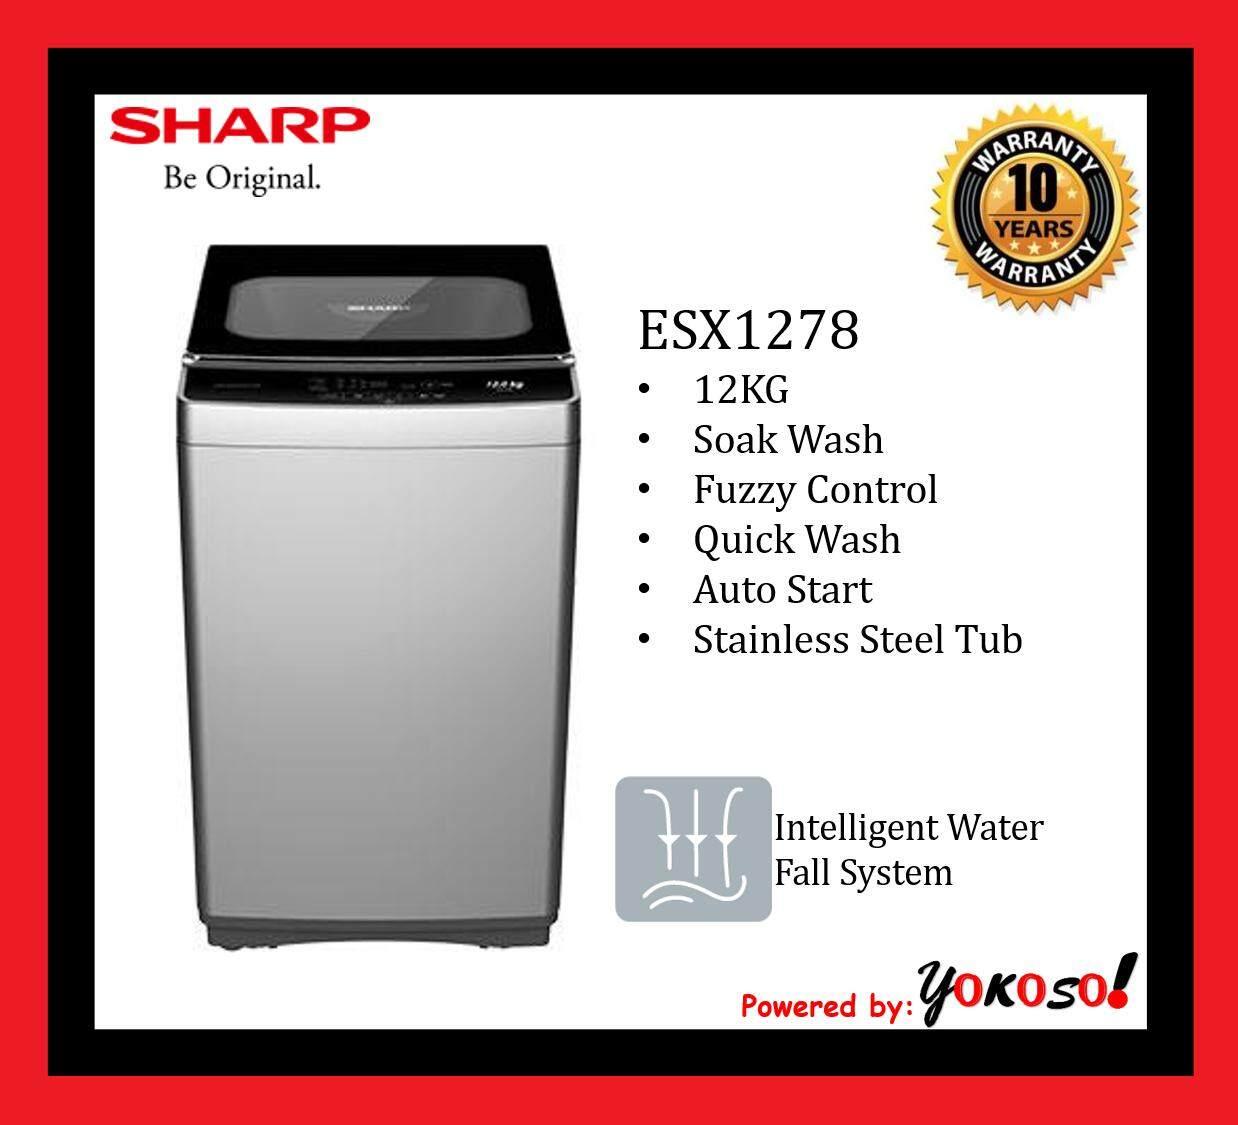 SHARP WASHER ESX1278 12KG